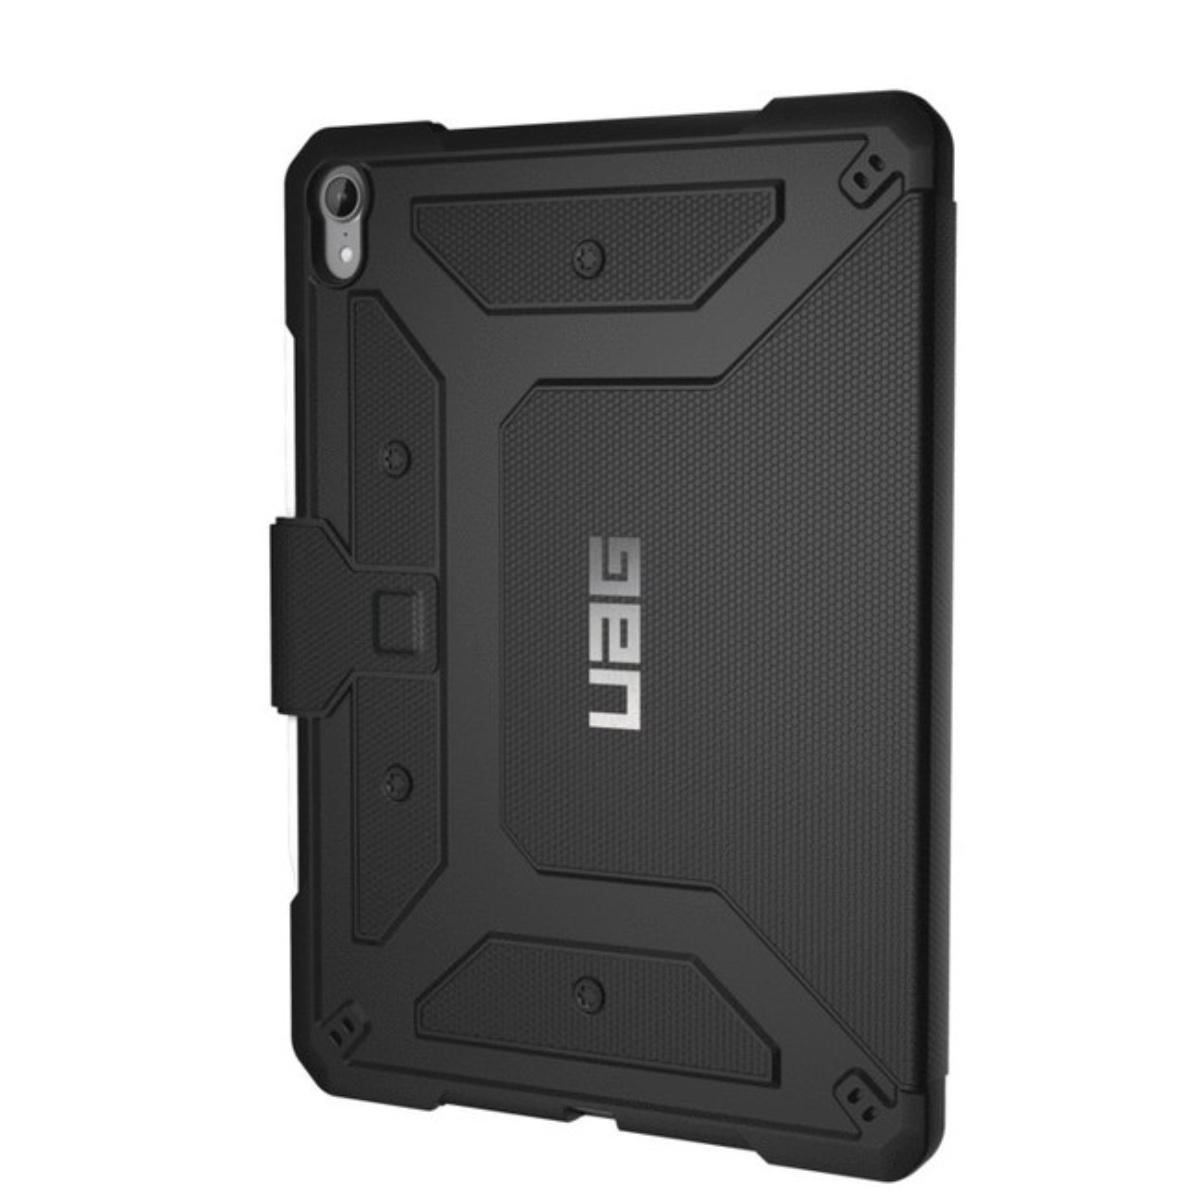 Kool Tools: UAG's Latest iPad Pro Cases